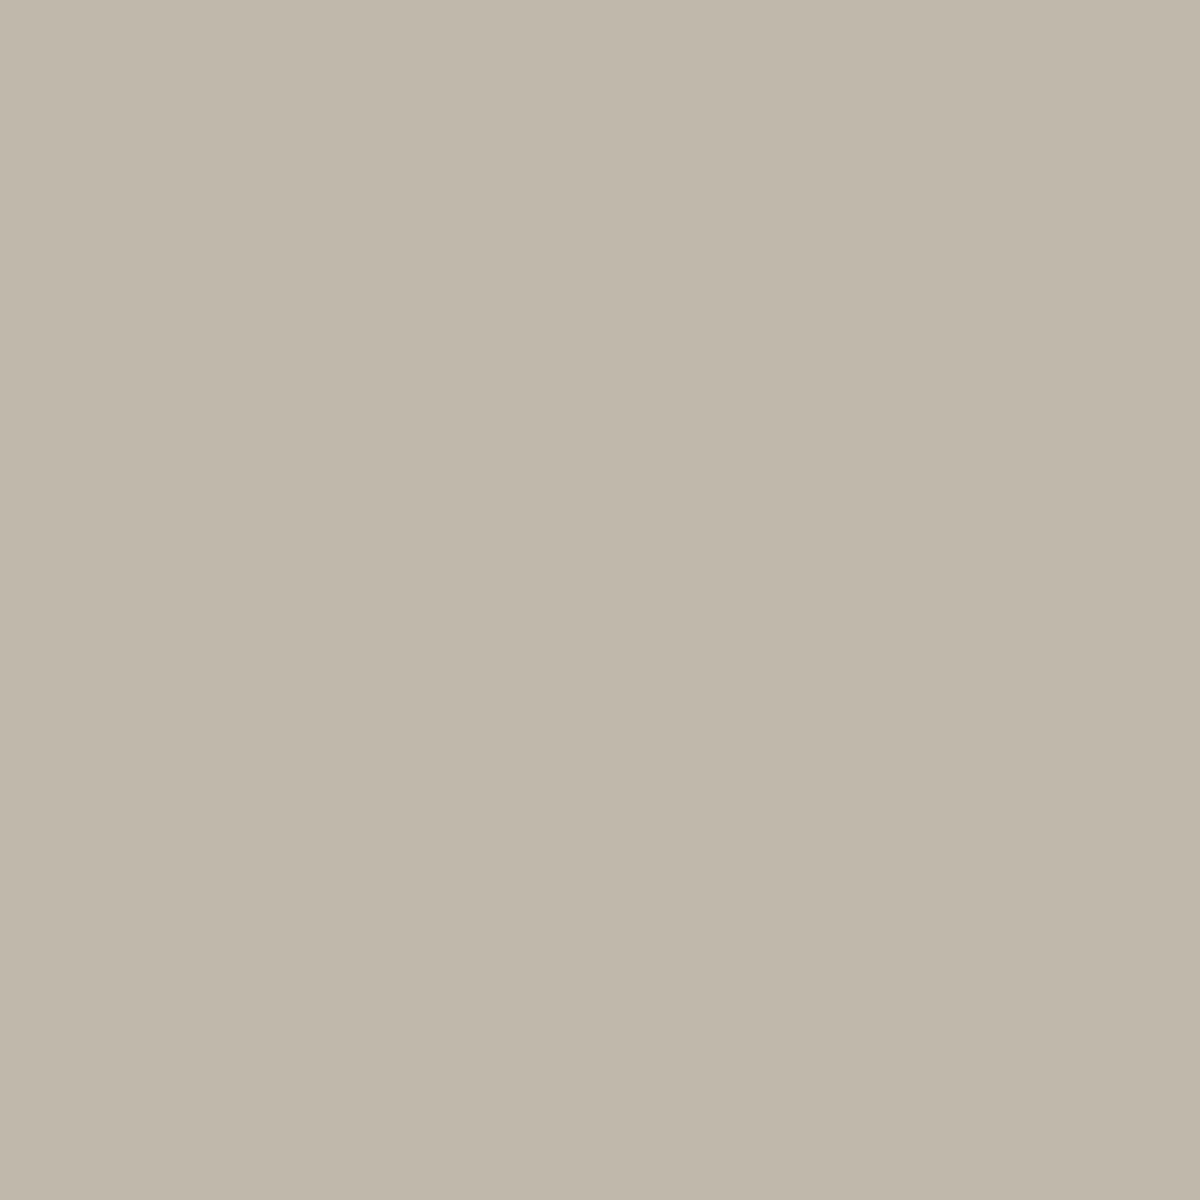 Porcelanato Polido Retificado Avorio 80 80x80 A - Delta